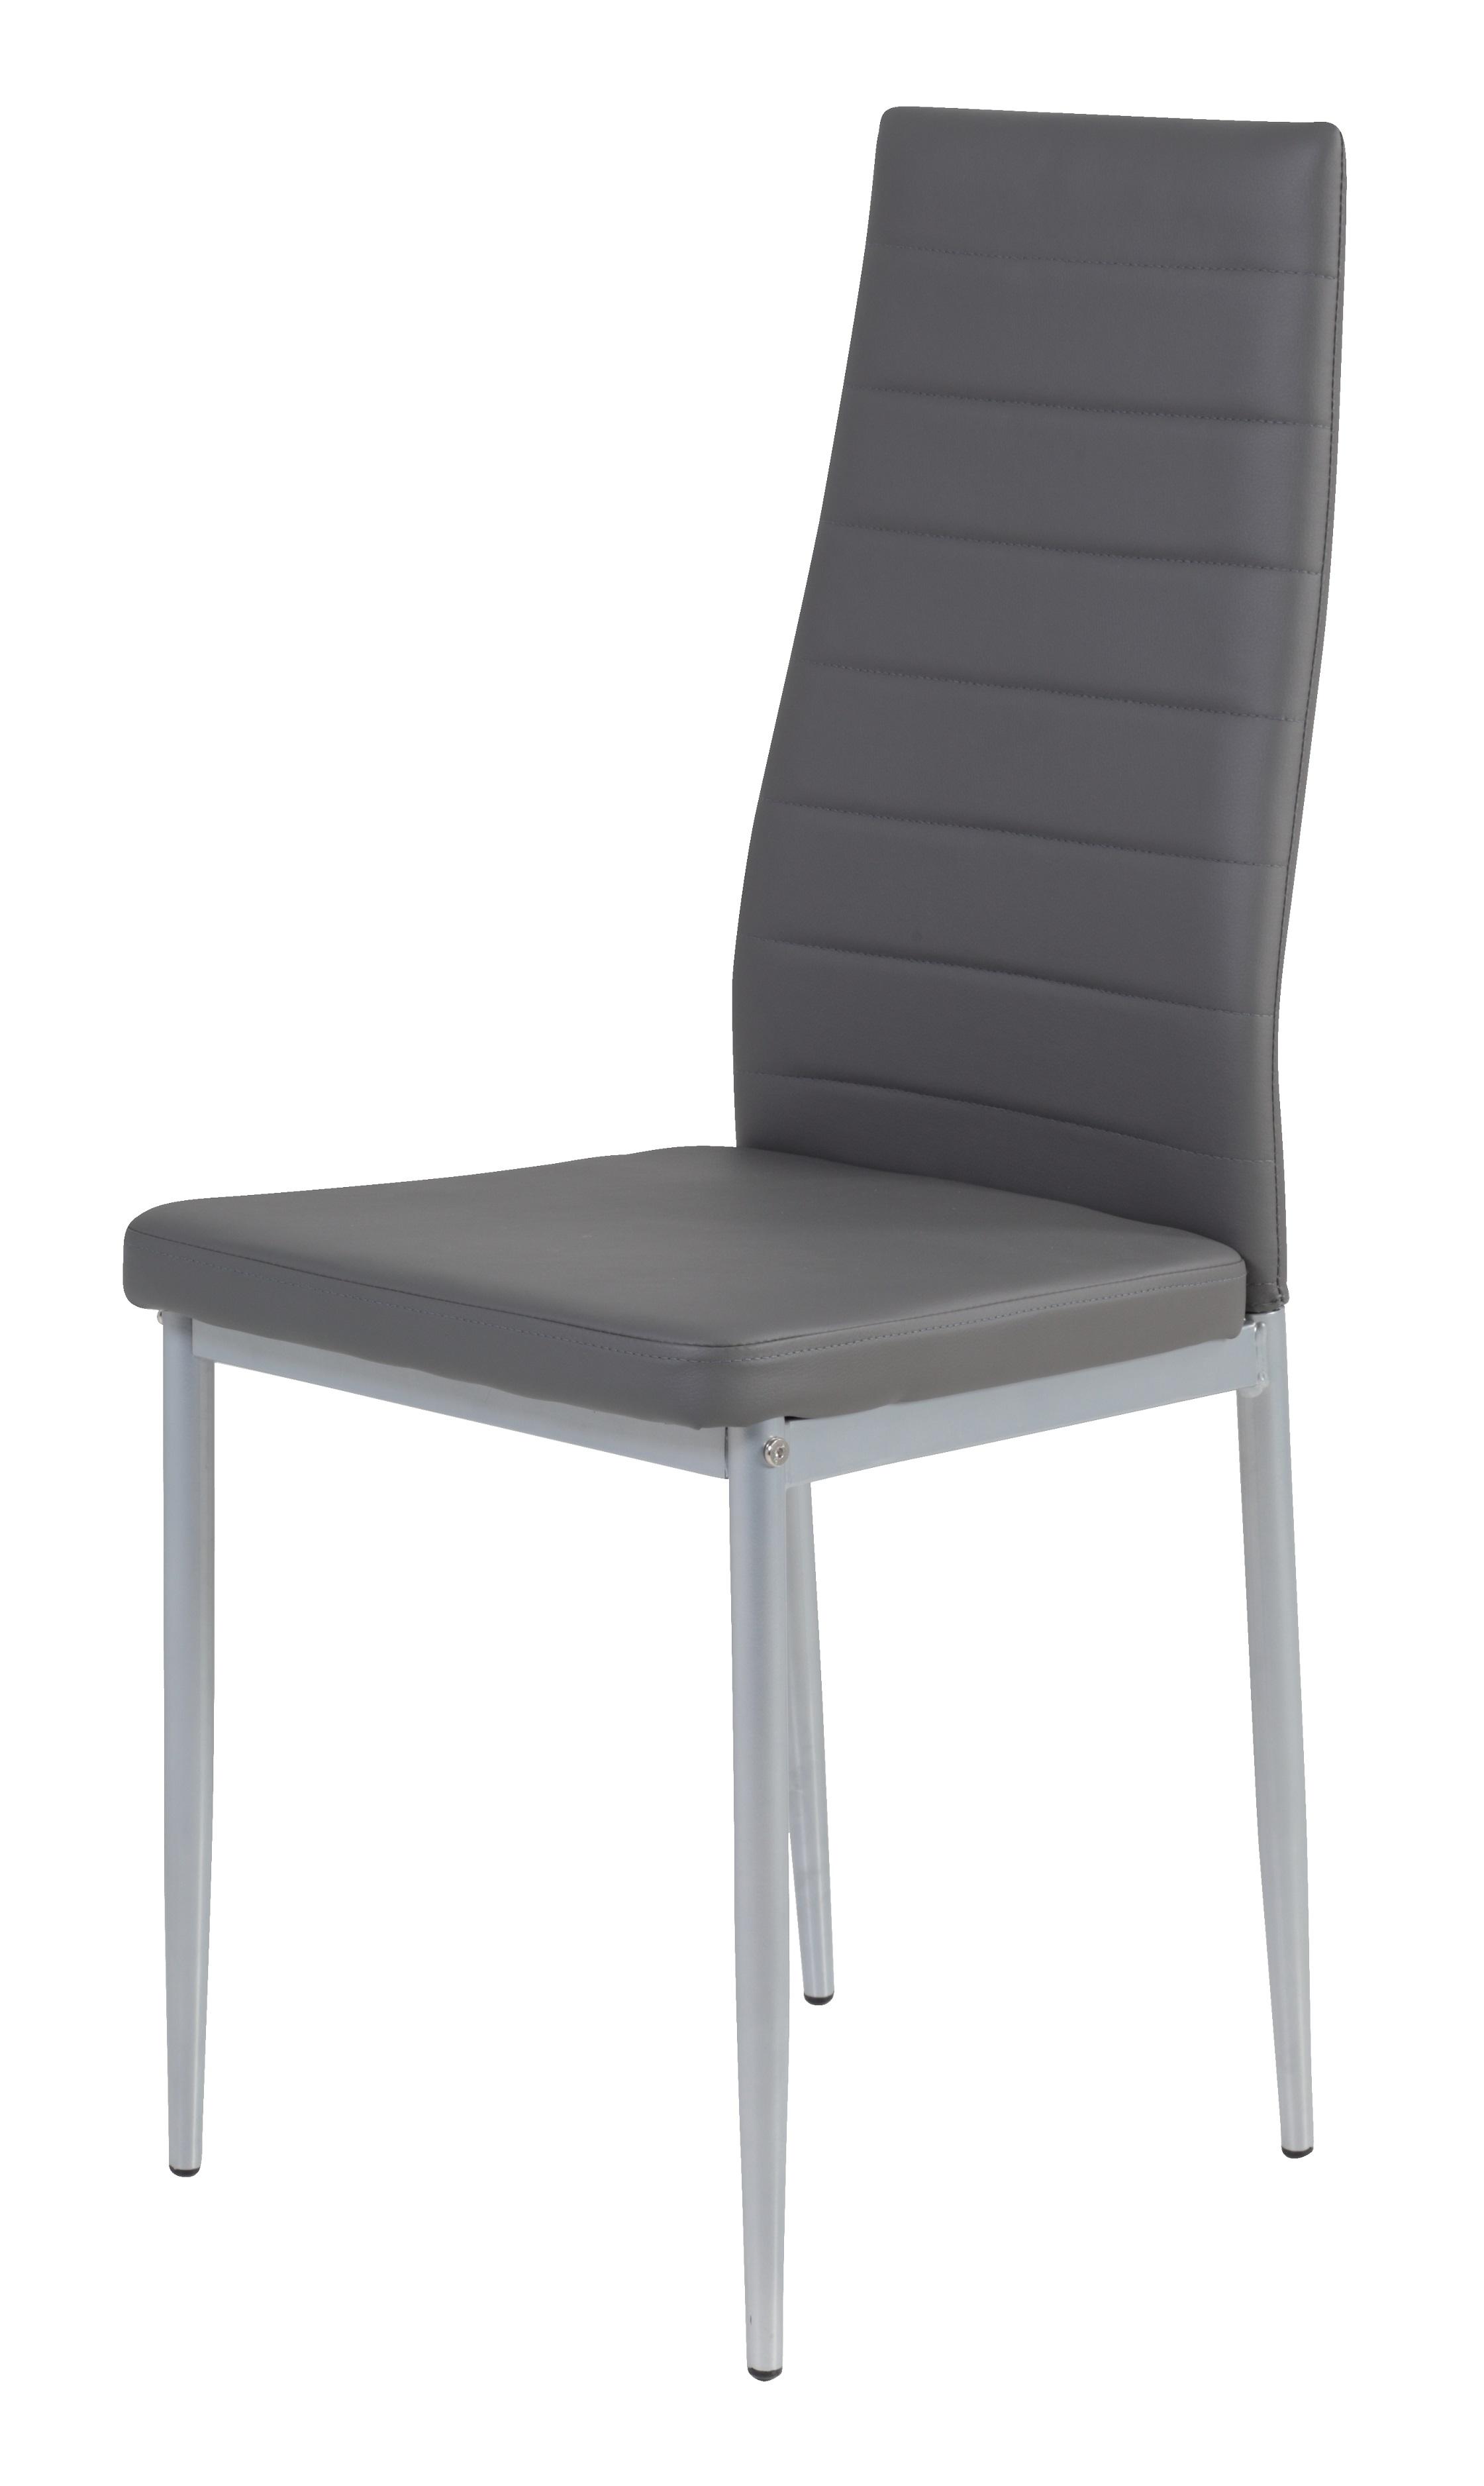 2 Stühle=Set Vierfussstuhl Stuhl Simone S 52 Kunstleder Grau